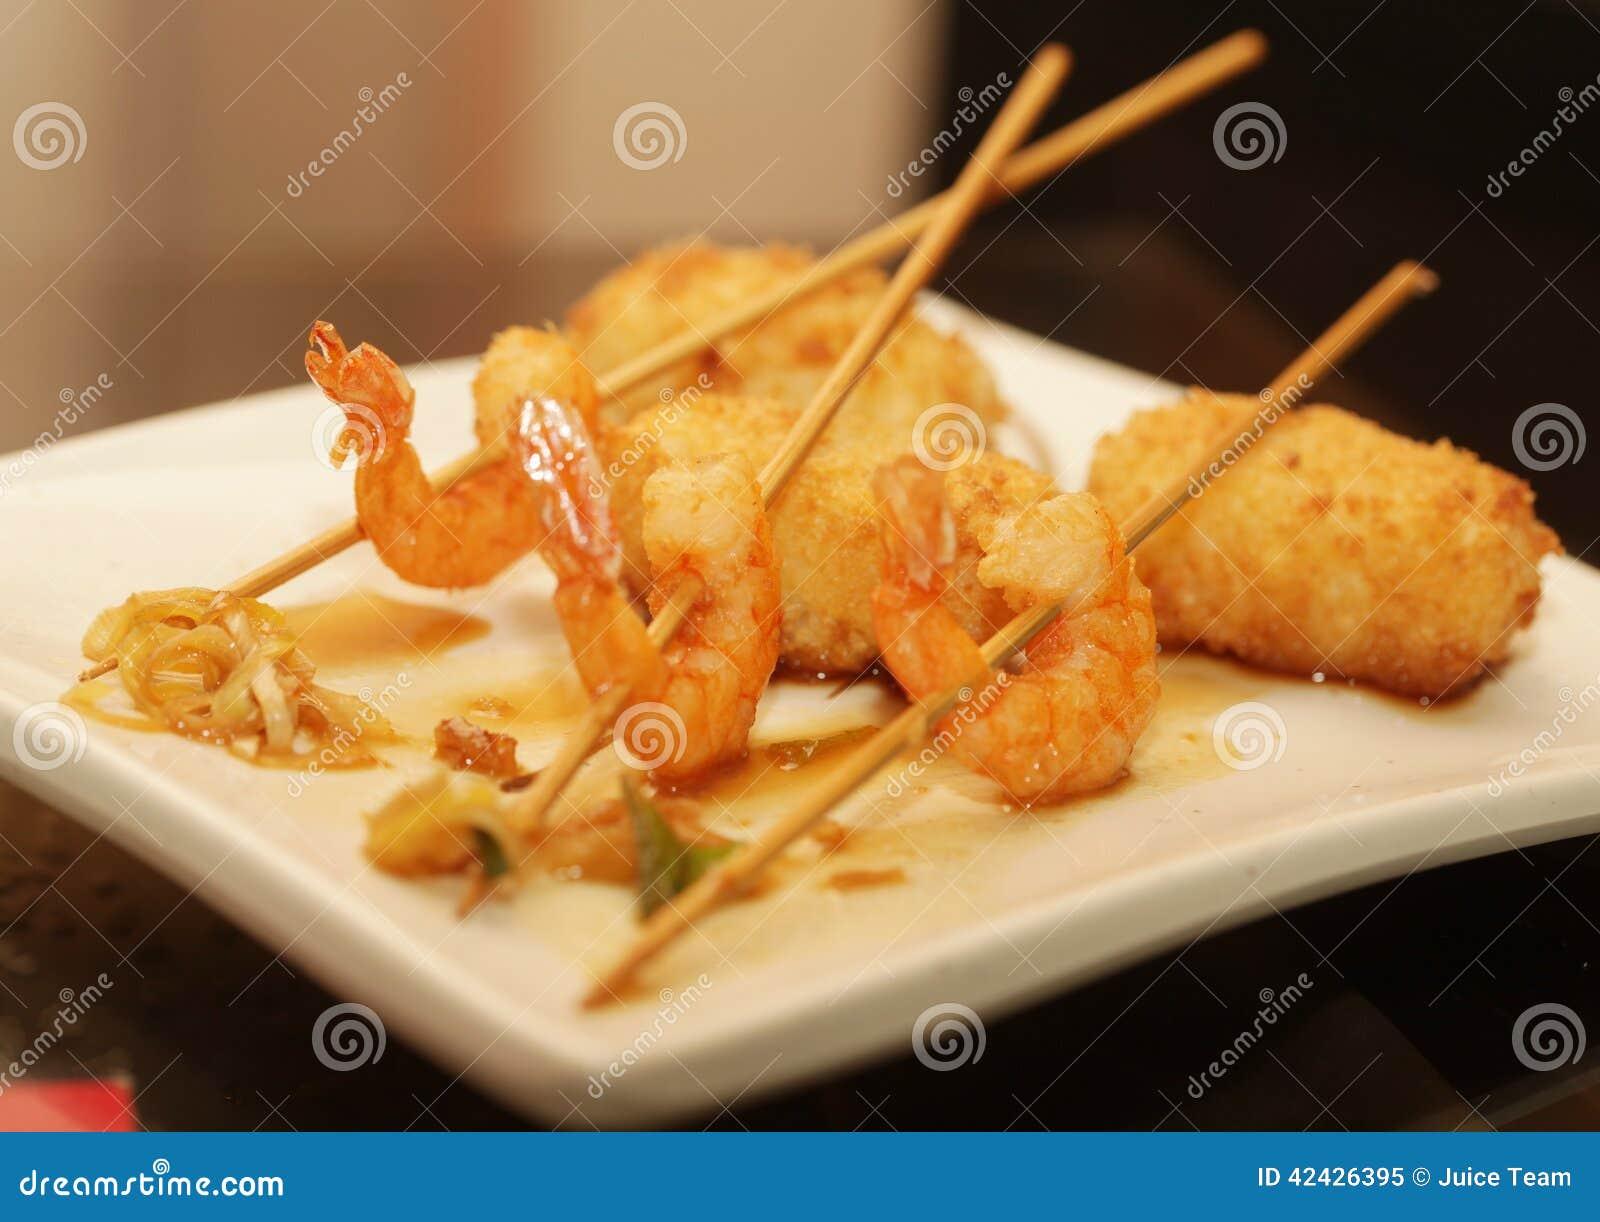 Camarones asados a la parrilla con arroz en la placa blanca